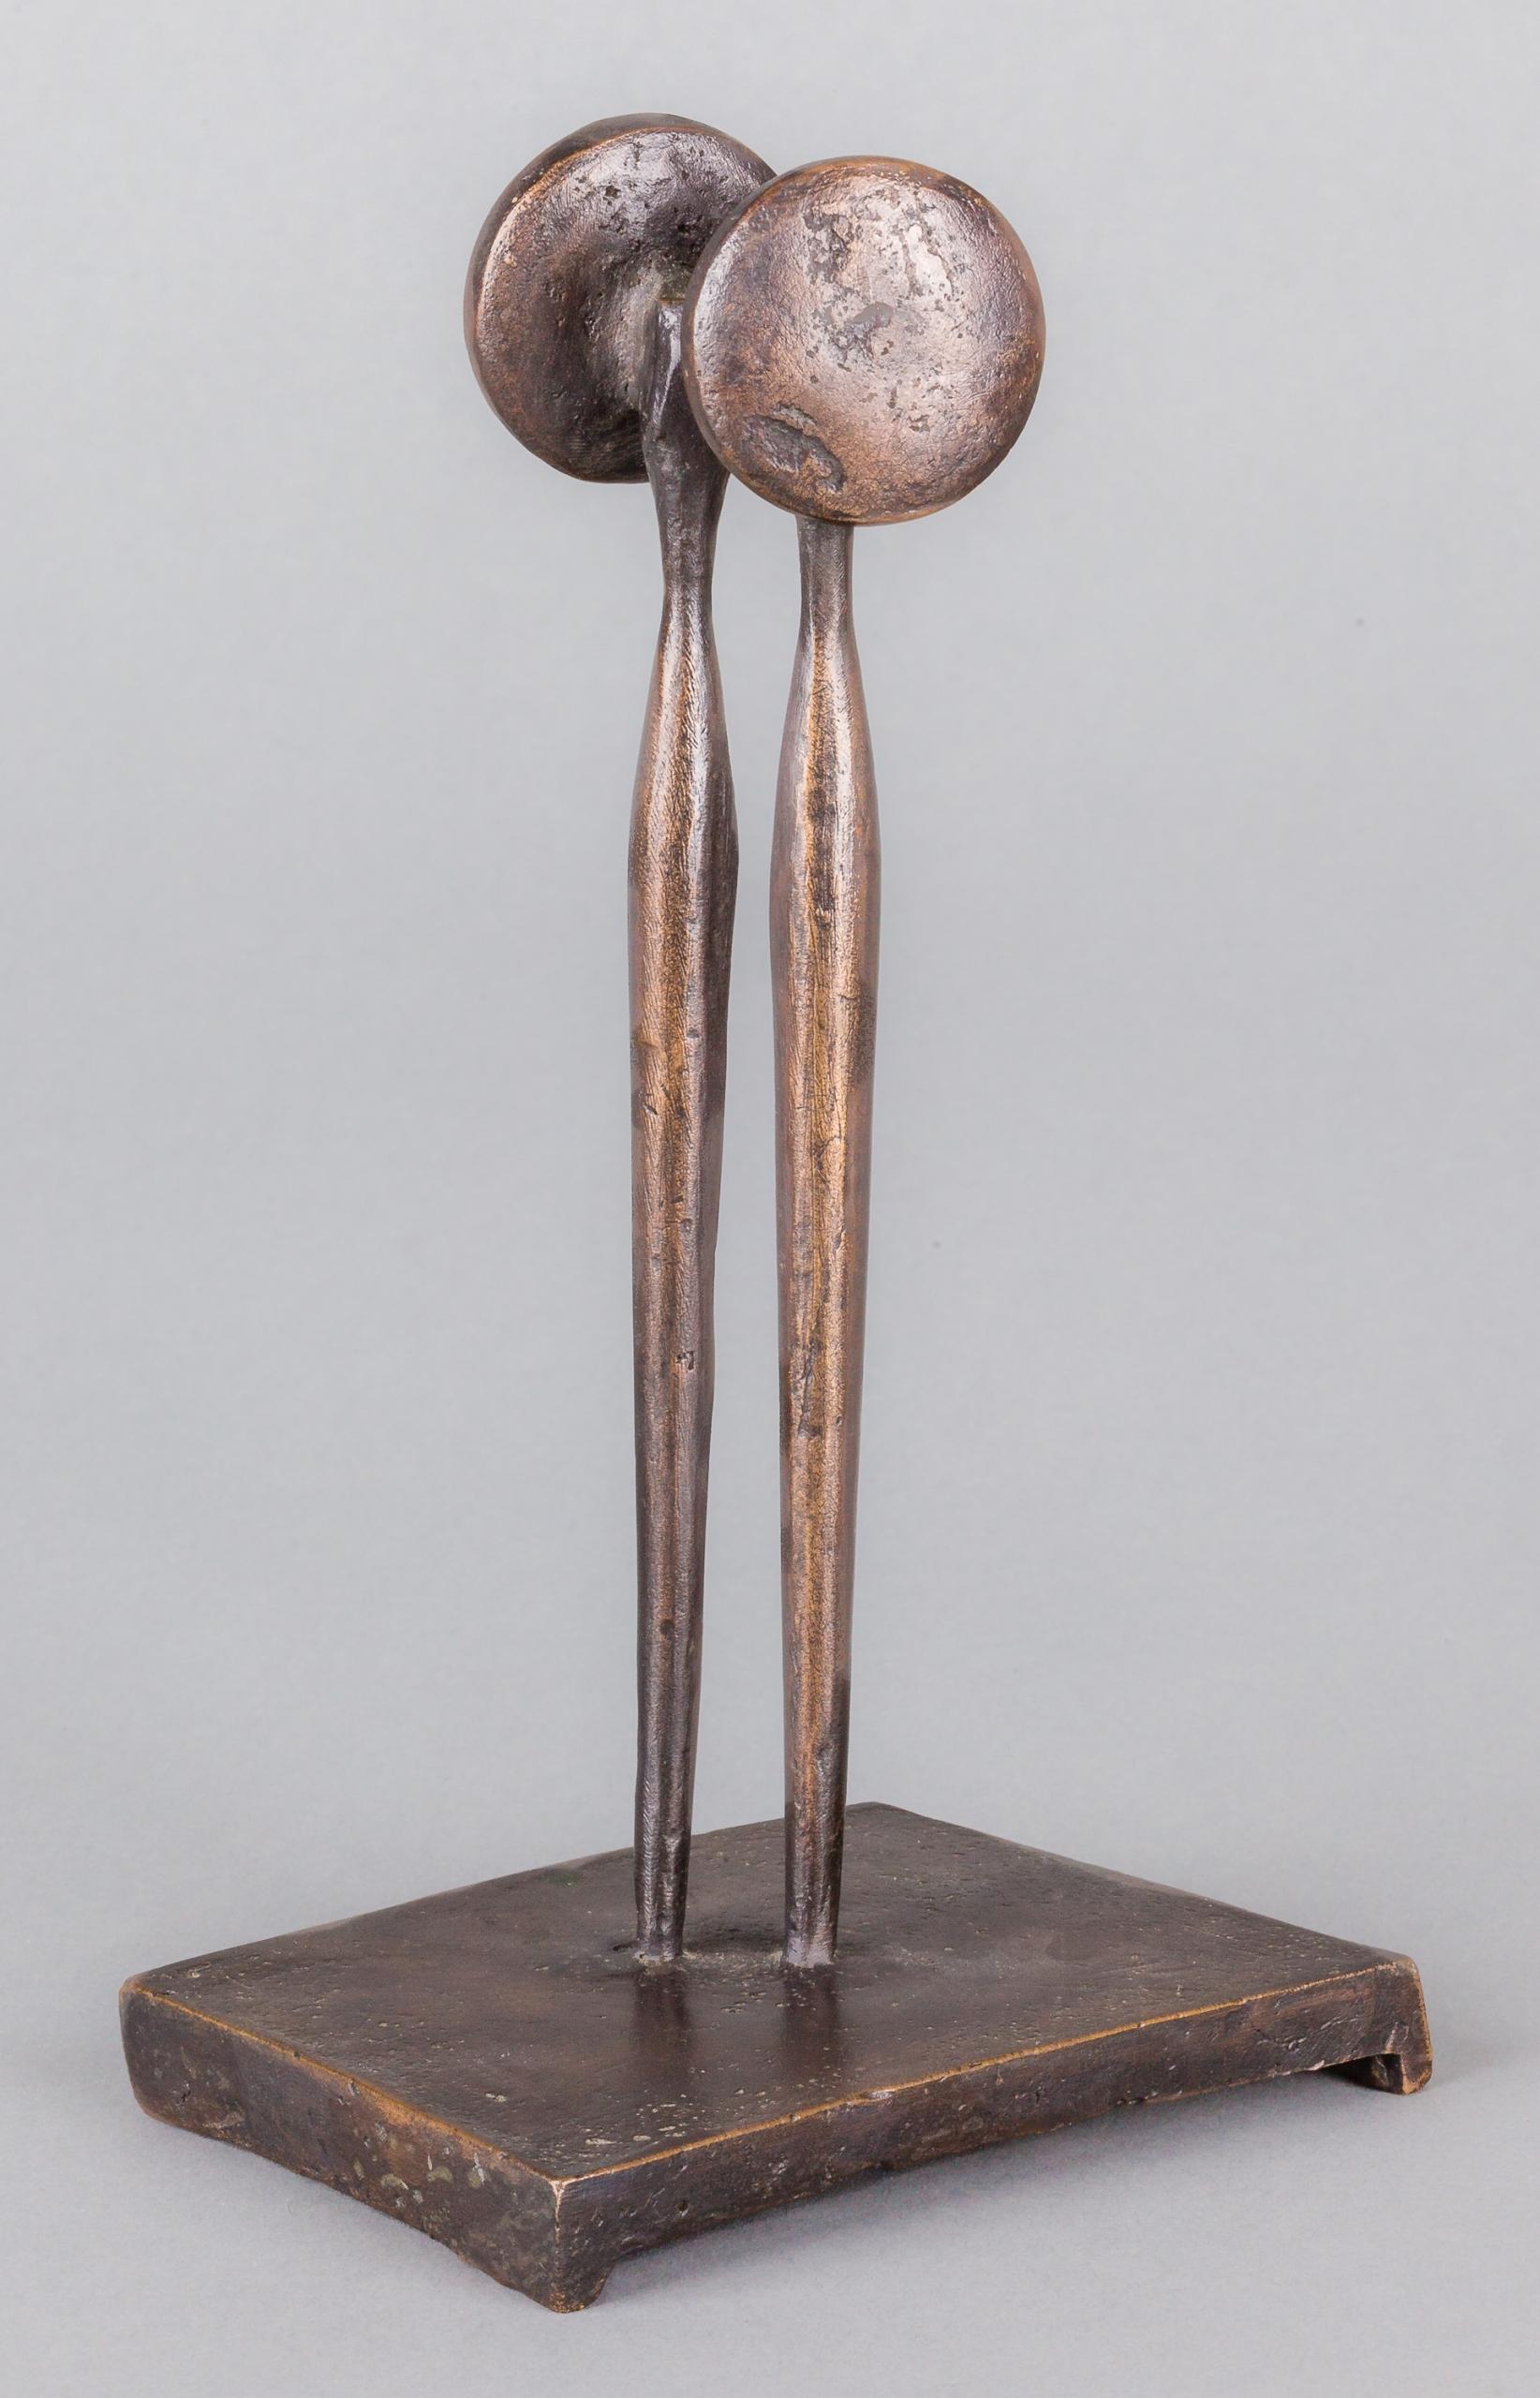 Rudolf Hoflehner, 76 K